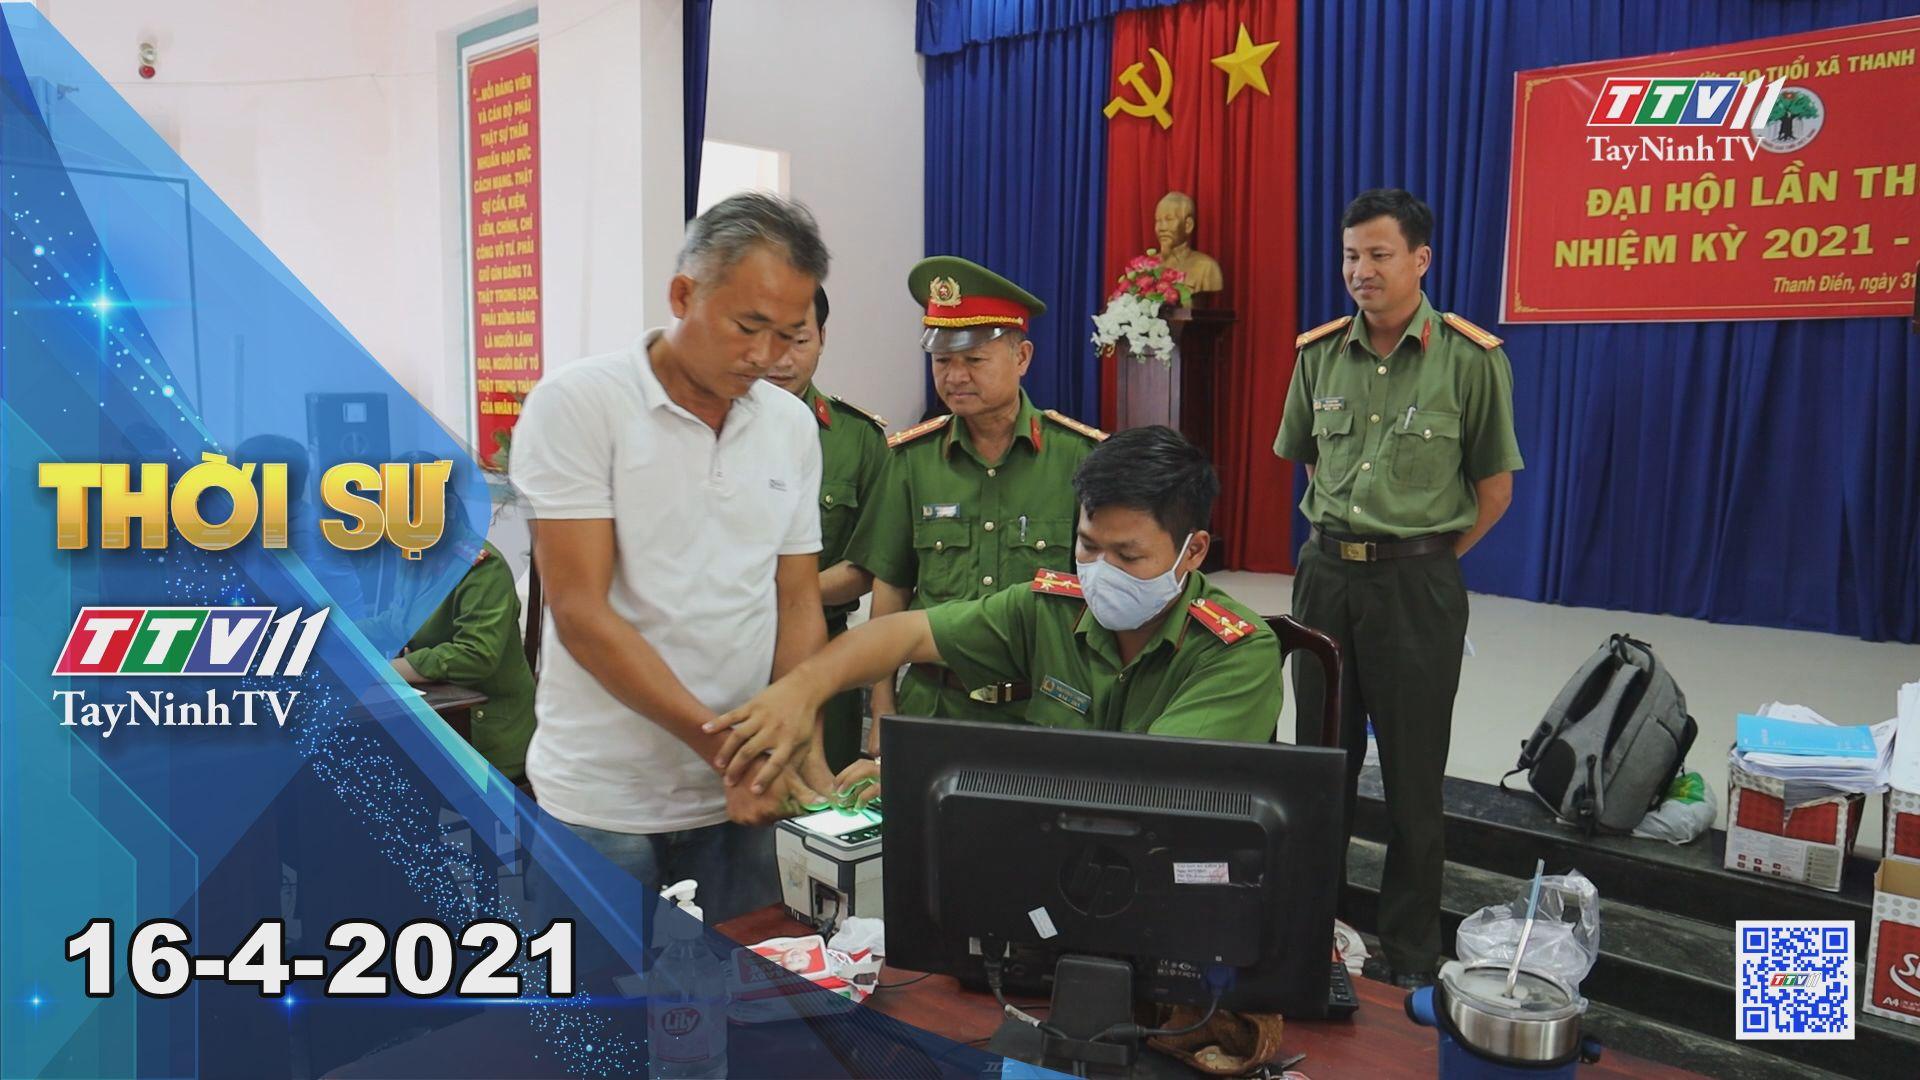 Thời sự Tây Ninh 16-4-2021 | Tin tức hôm nay | TayNinhTV